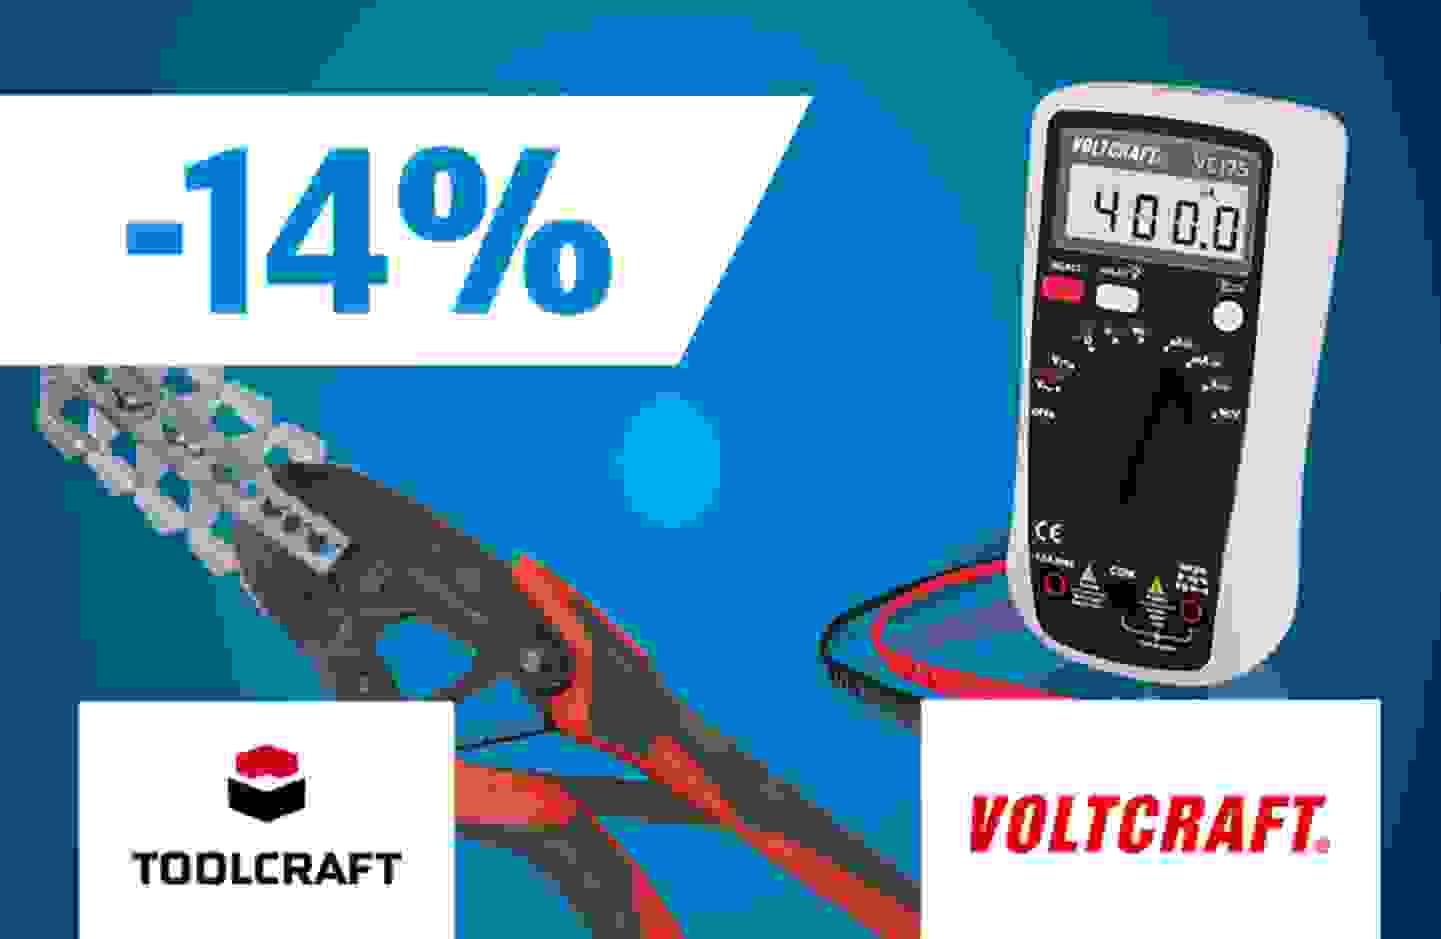 Profitez dès maintenant de 14% de remise sur l'ensemble des gammes Voltcraft et Toolcraft